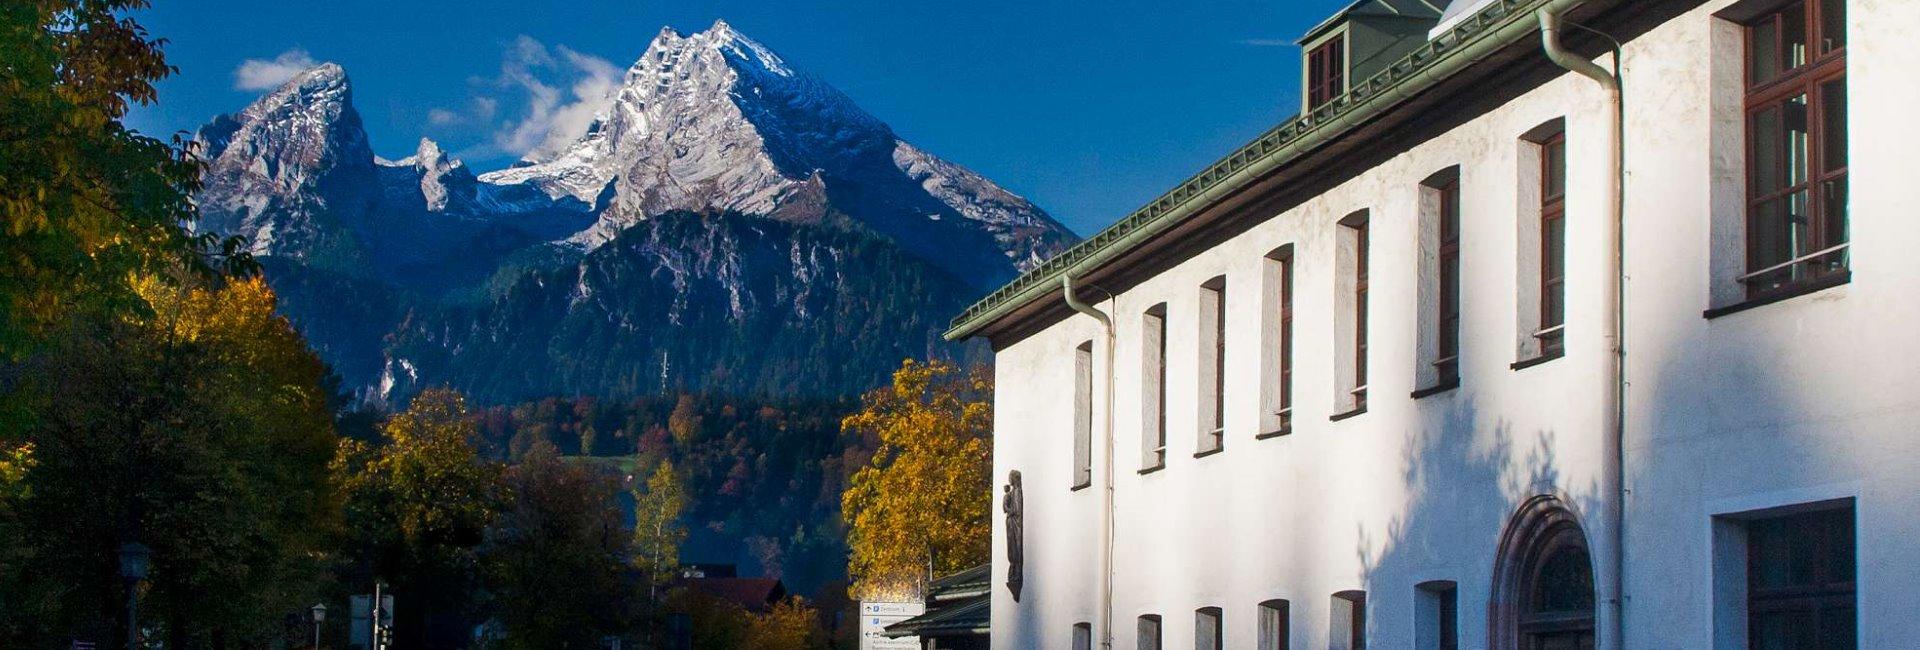 Berufsfachschule für Holzschnitzerei und Schreinerei in Berchtesgaden - Schnitzschule